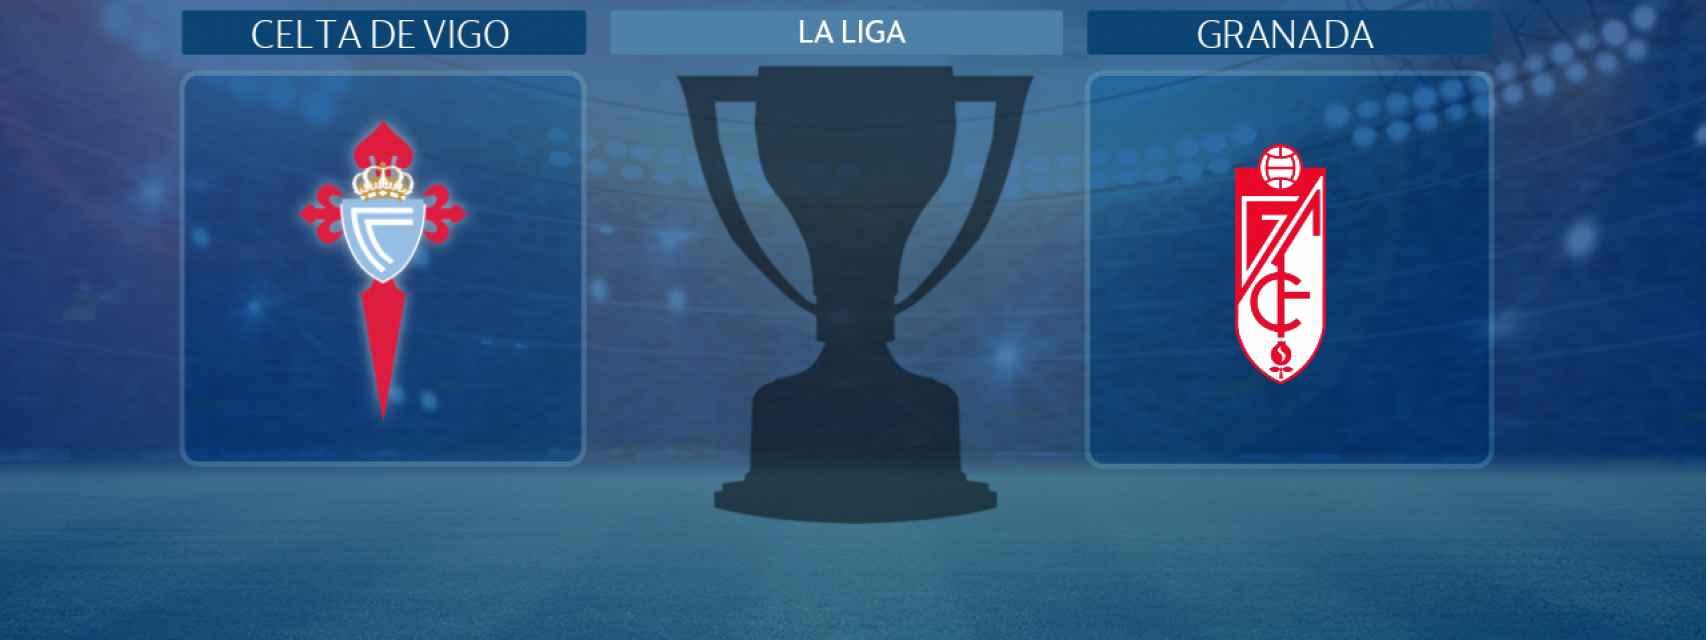 Celta de Vigo - Granada, partido de La Liga